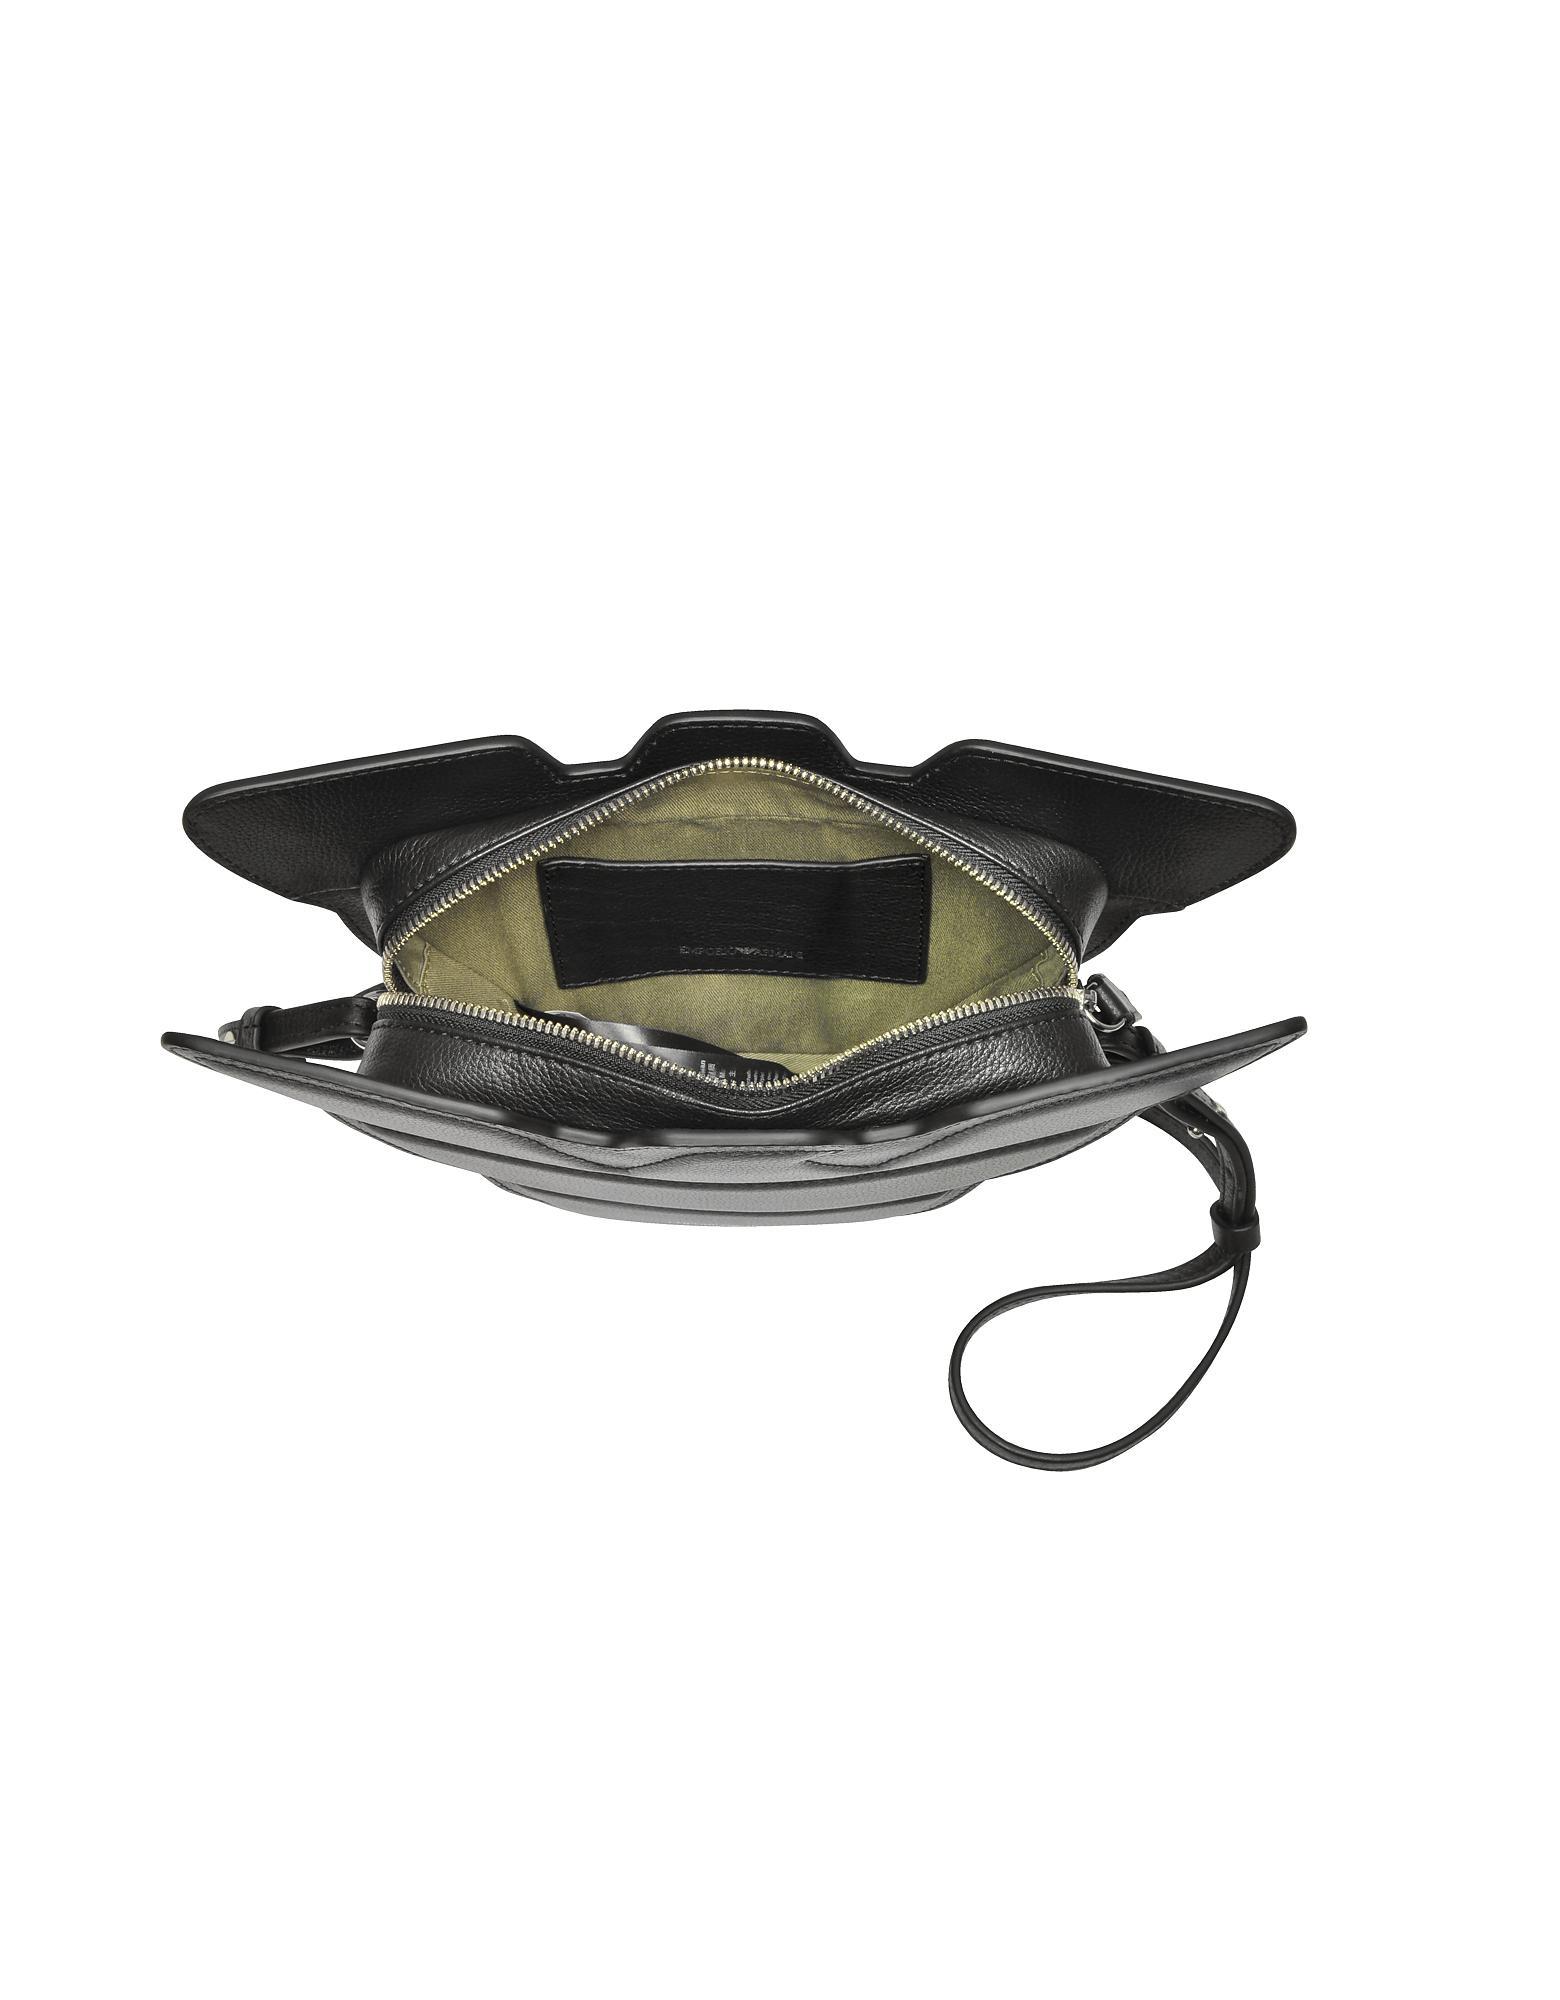 e38837305a52 Emporio Armani Black Genuine Leather Eagle Shoulder Bag in Black - Lyst